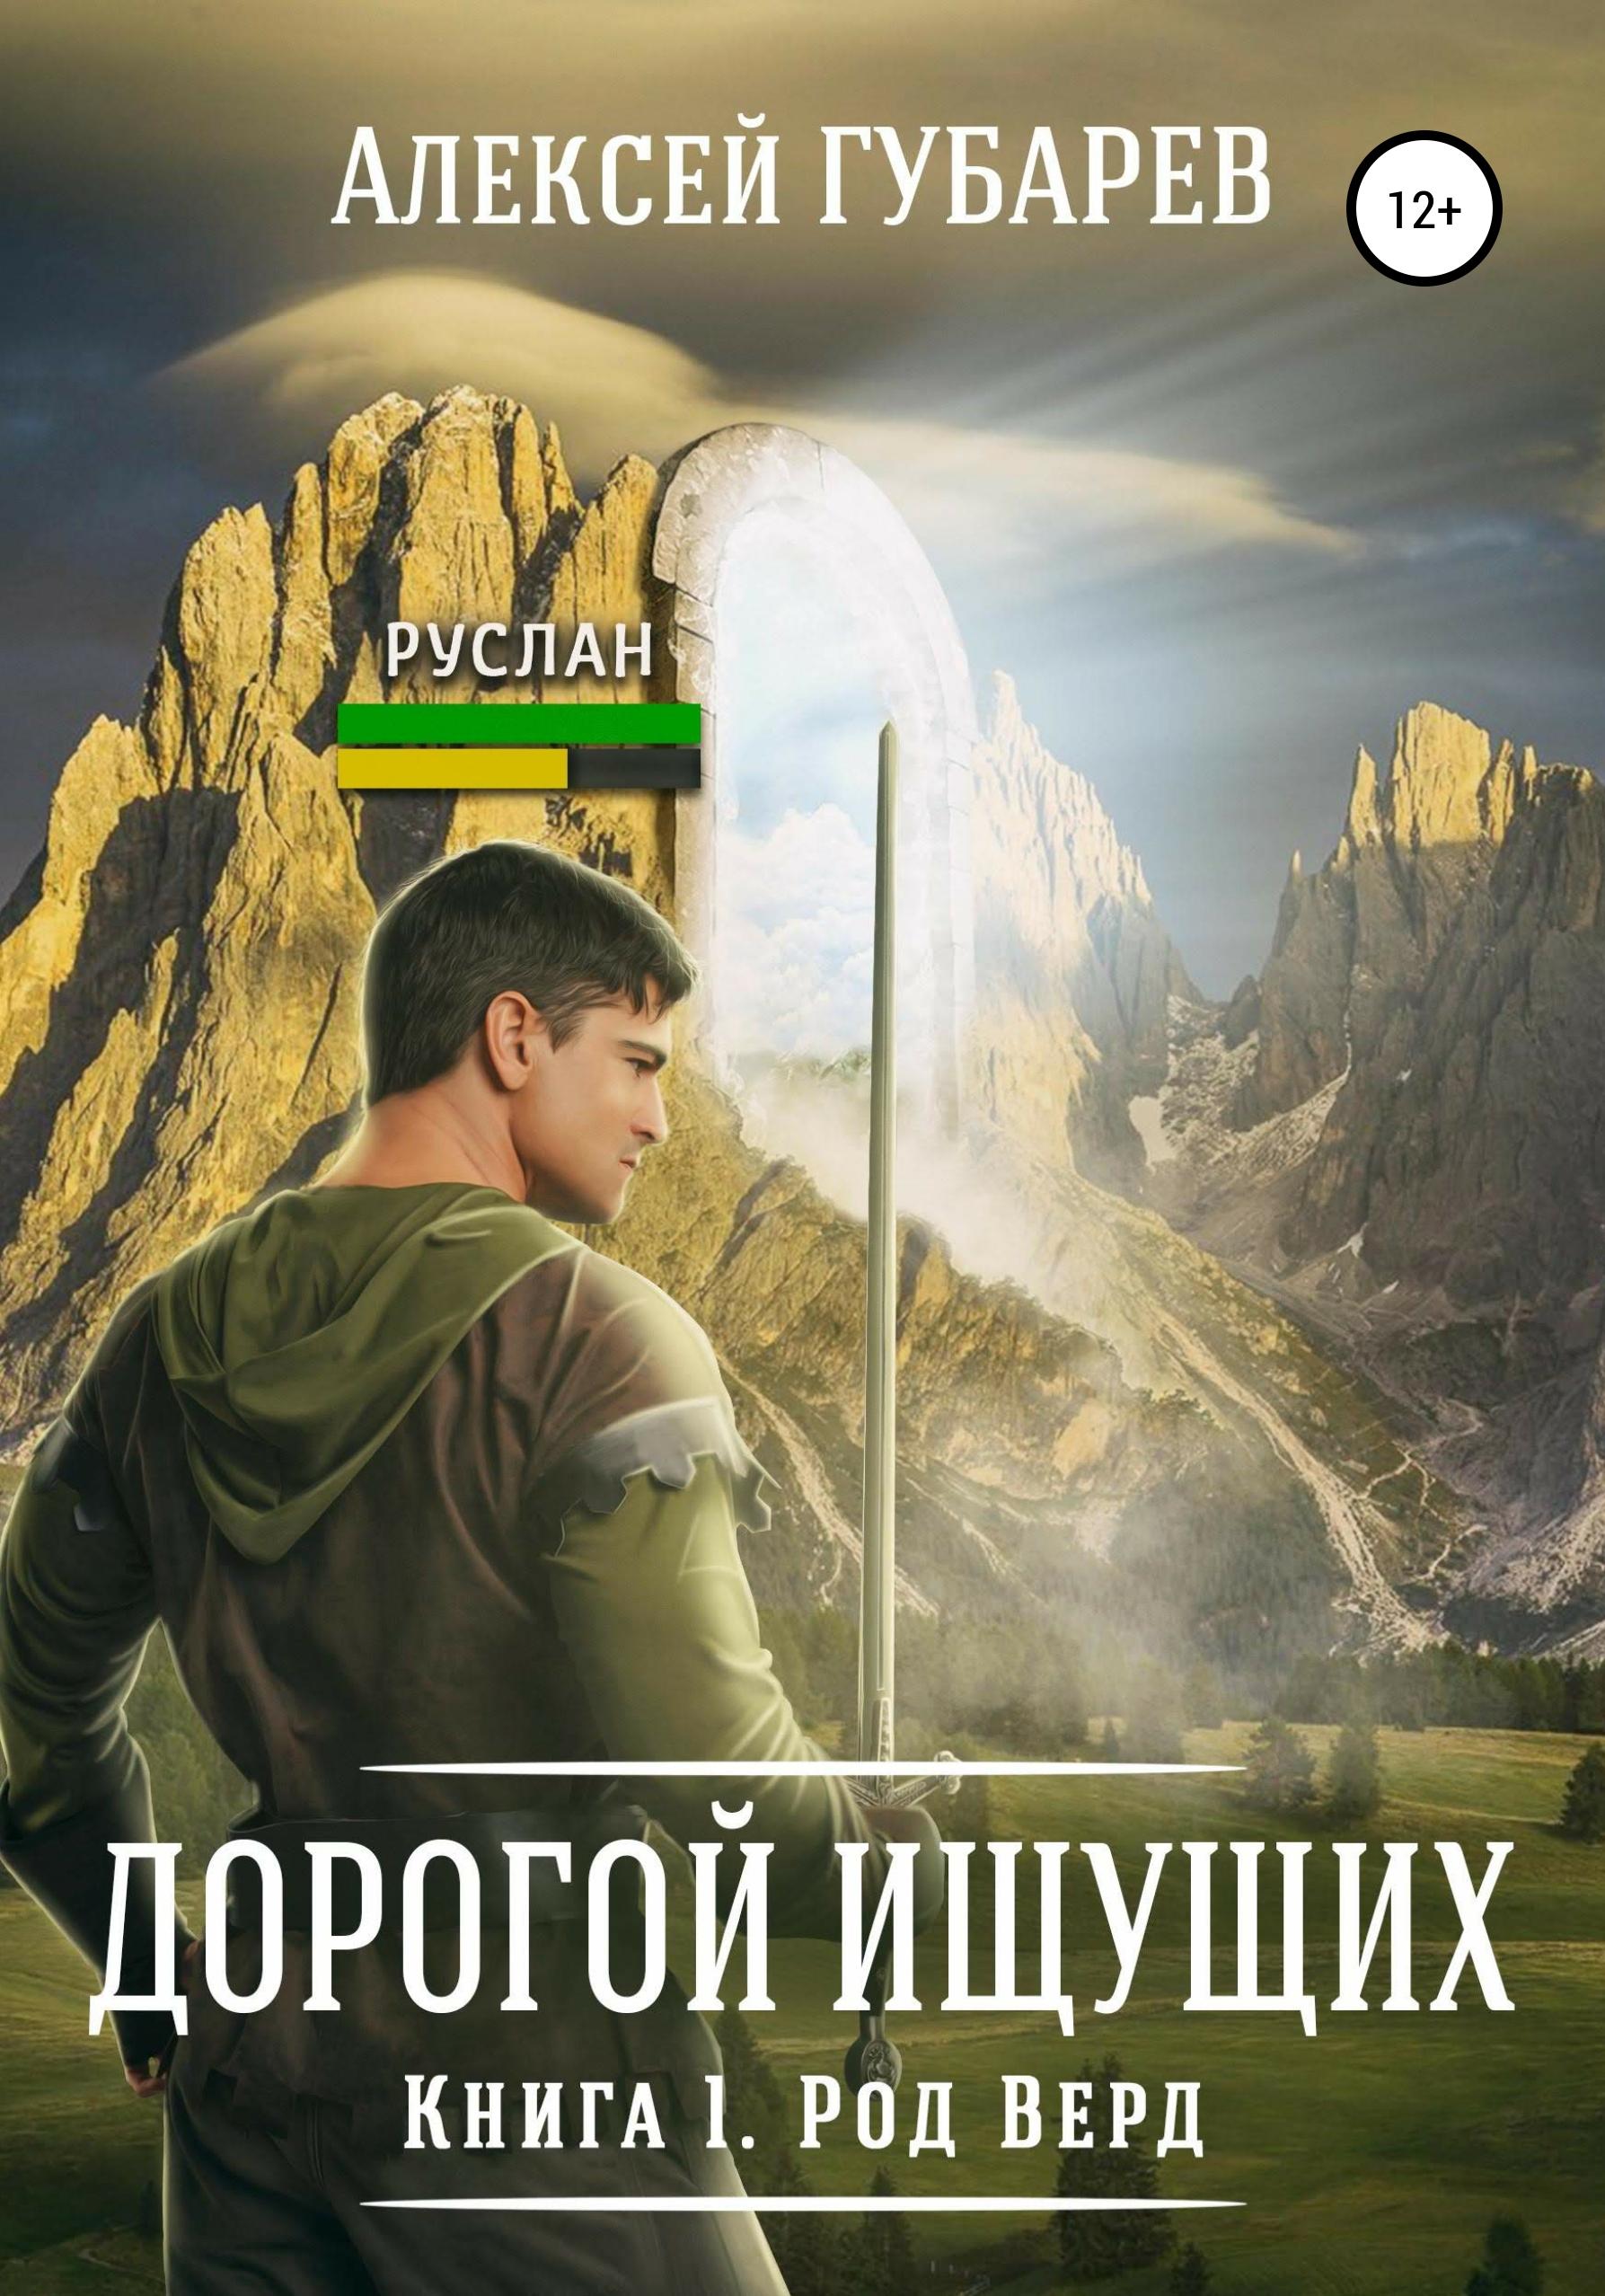 Купить книгу Первый Этап, автора Алексея Александровича Губарева